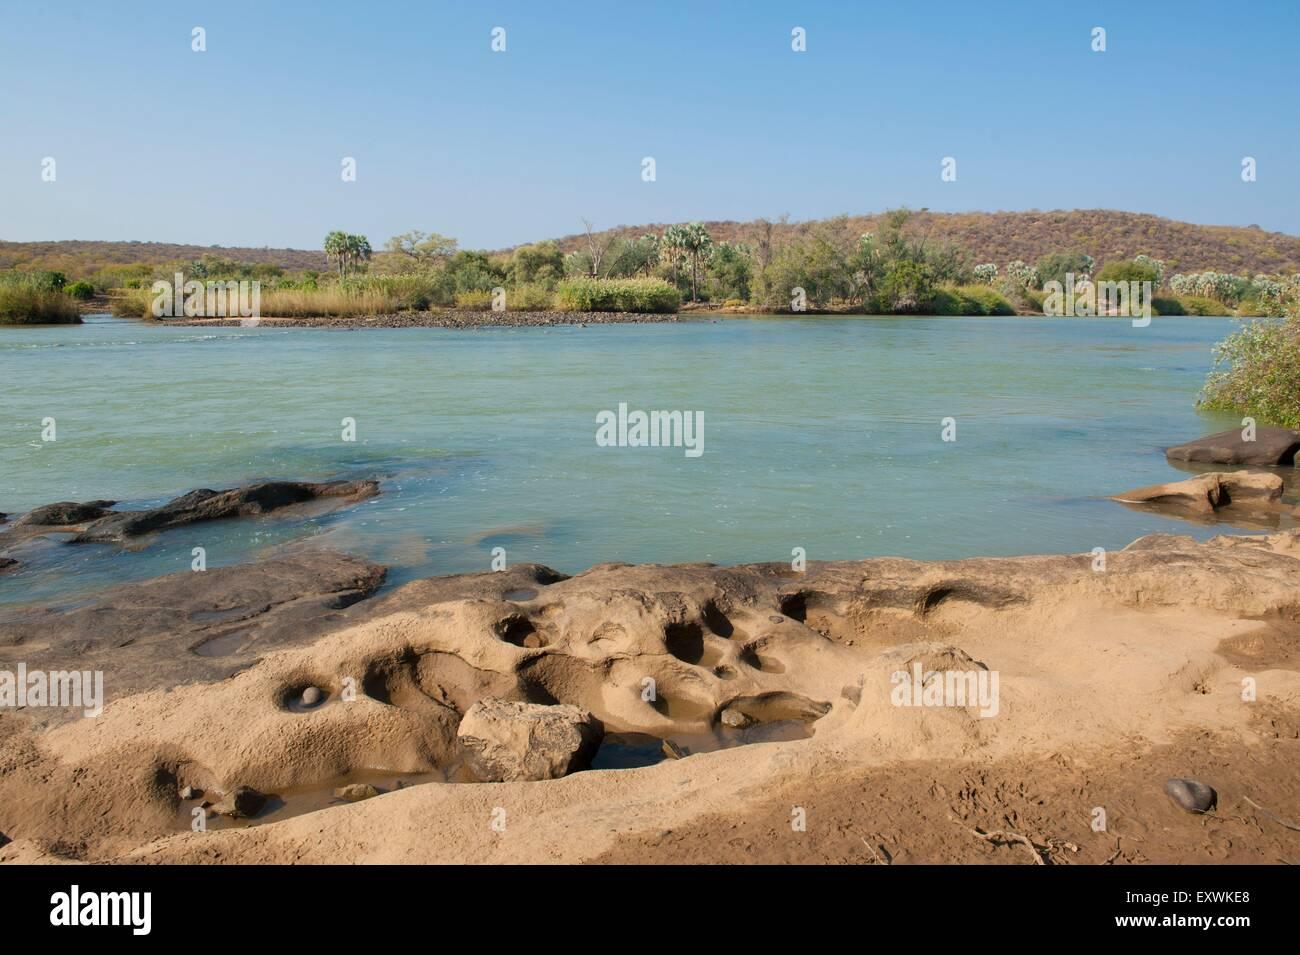 La rivière Kunene en Namibie, rivière frontière avec l'Angola Banque D'Images